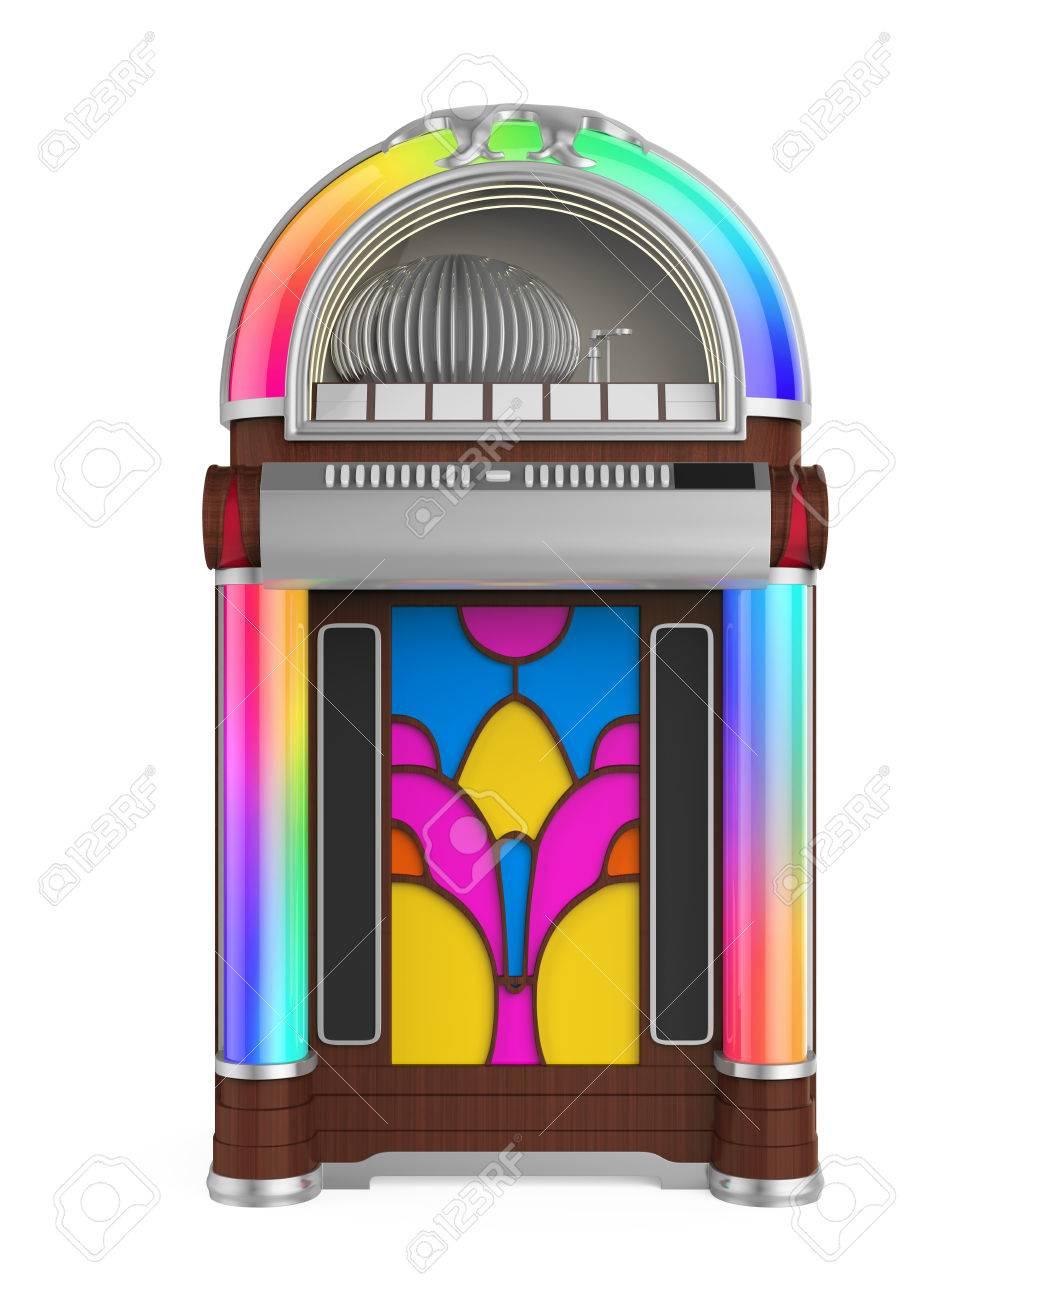 Vintage Jukebox Radio - 71537627